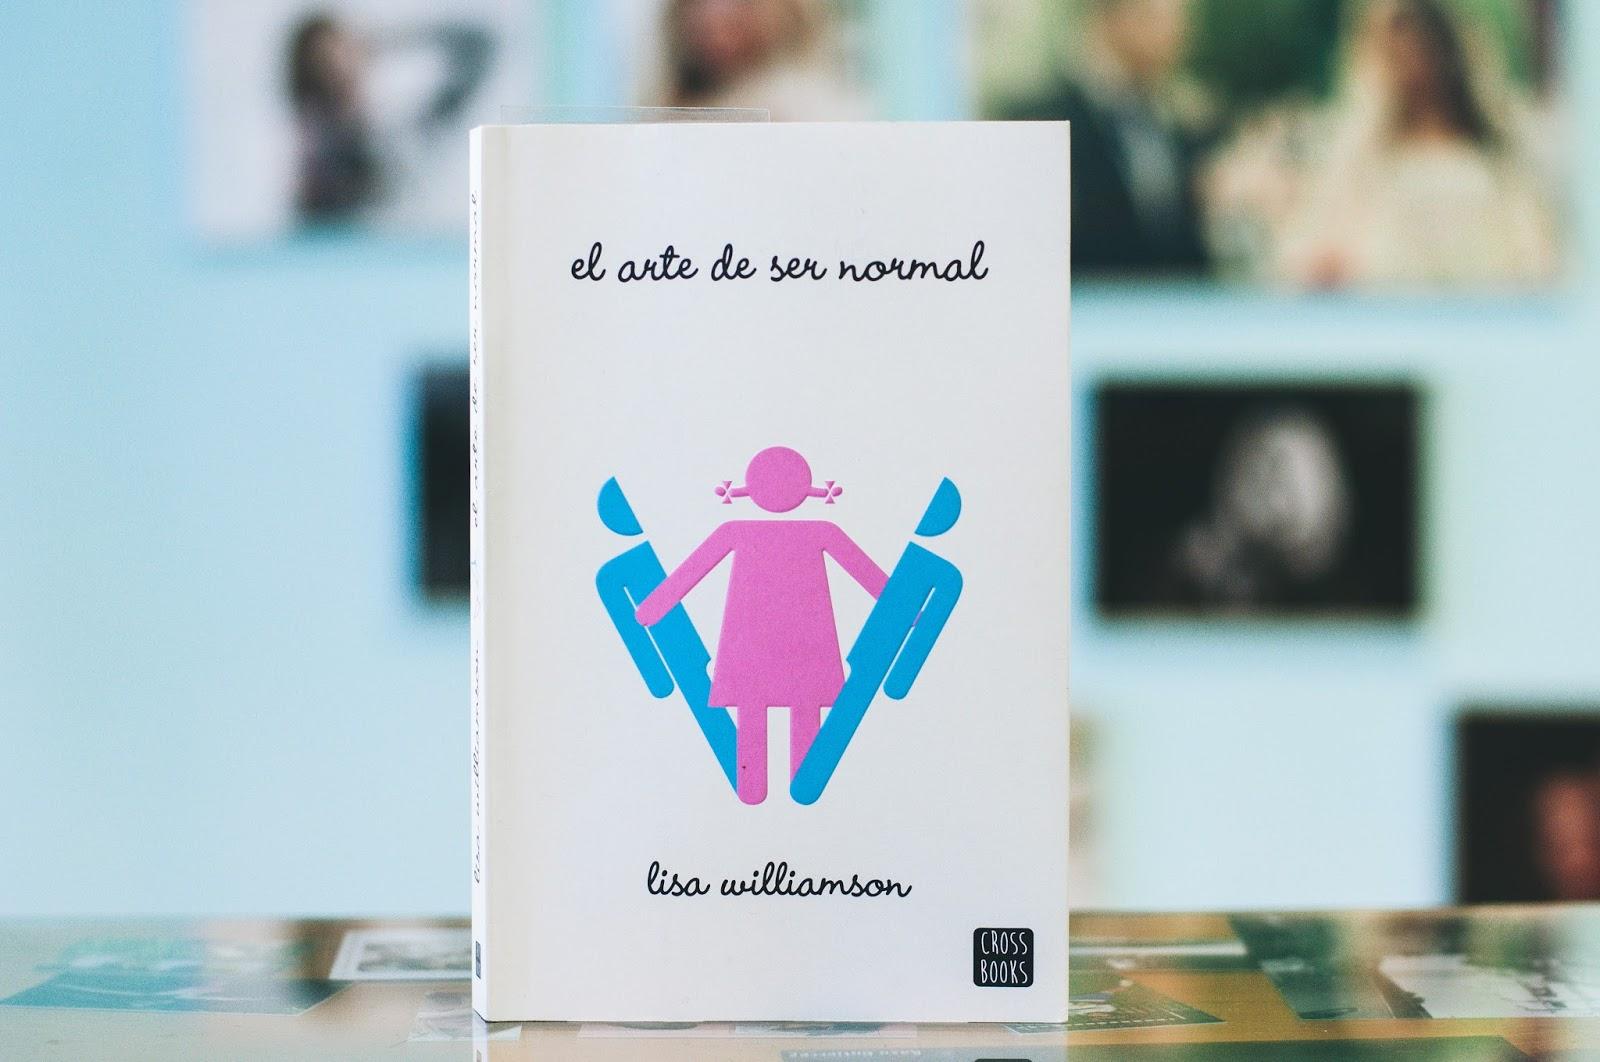 libros personajes trans